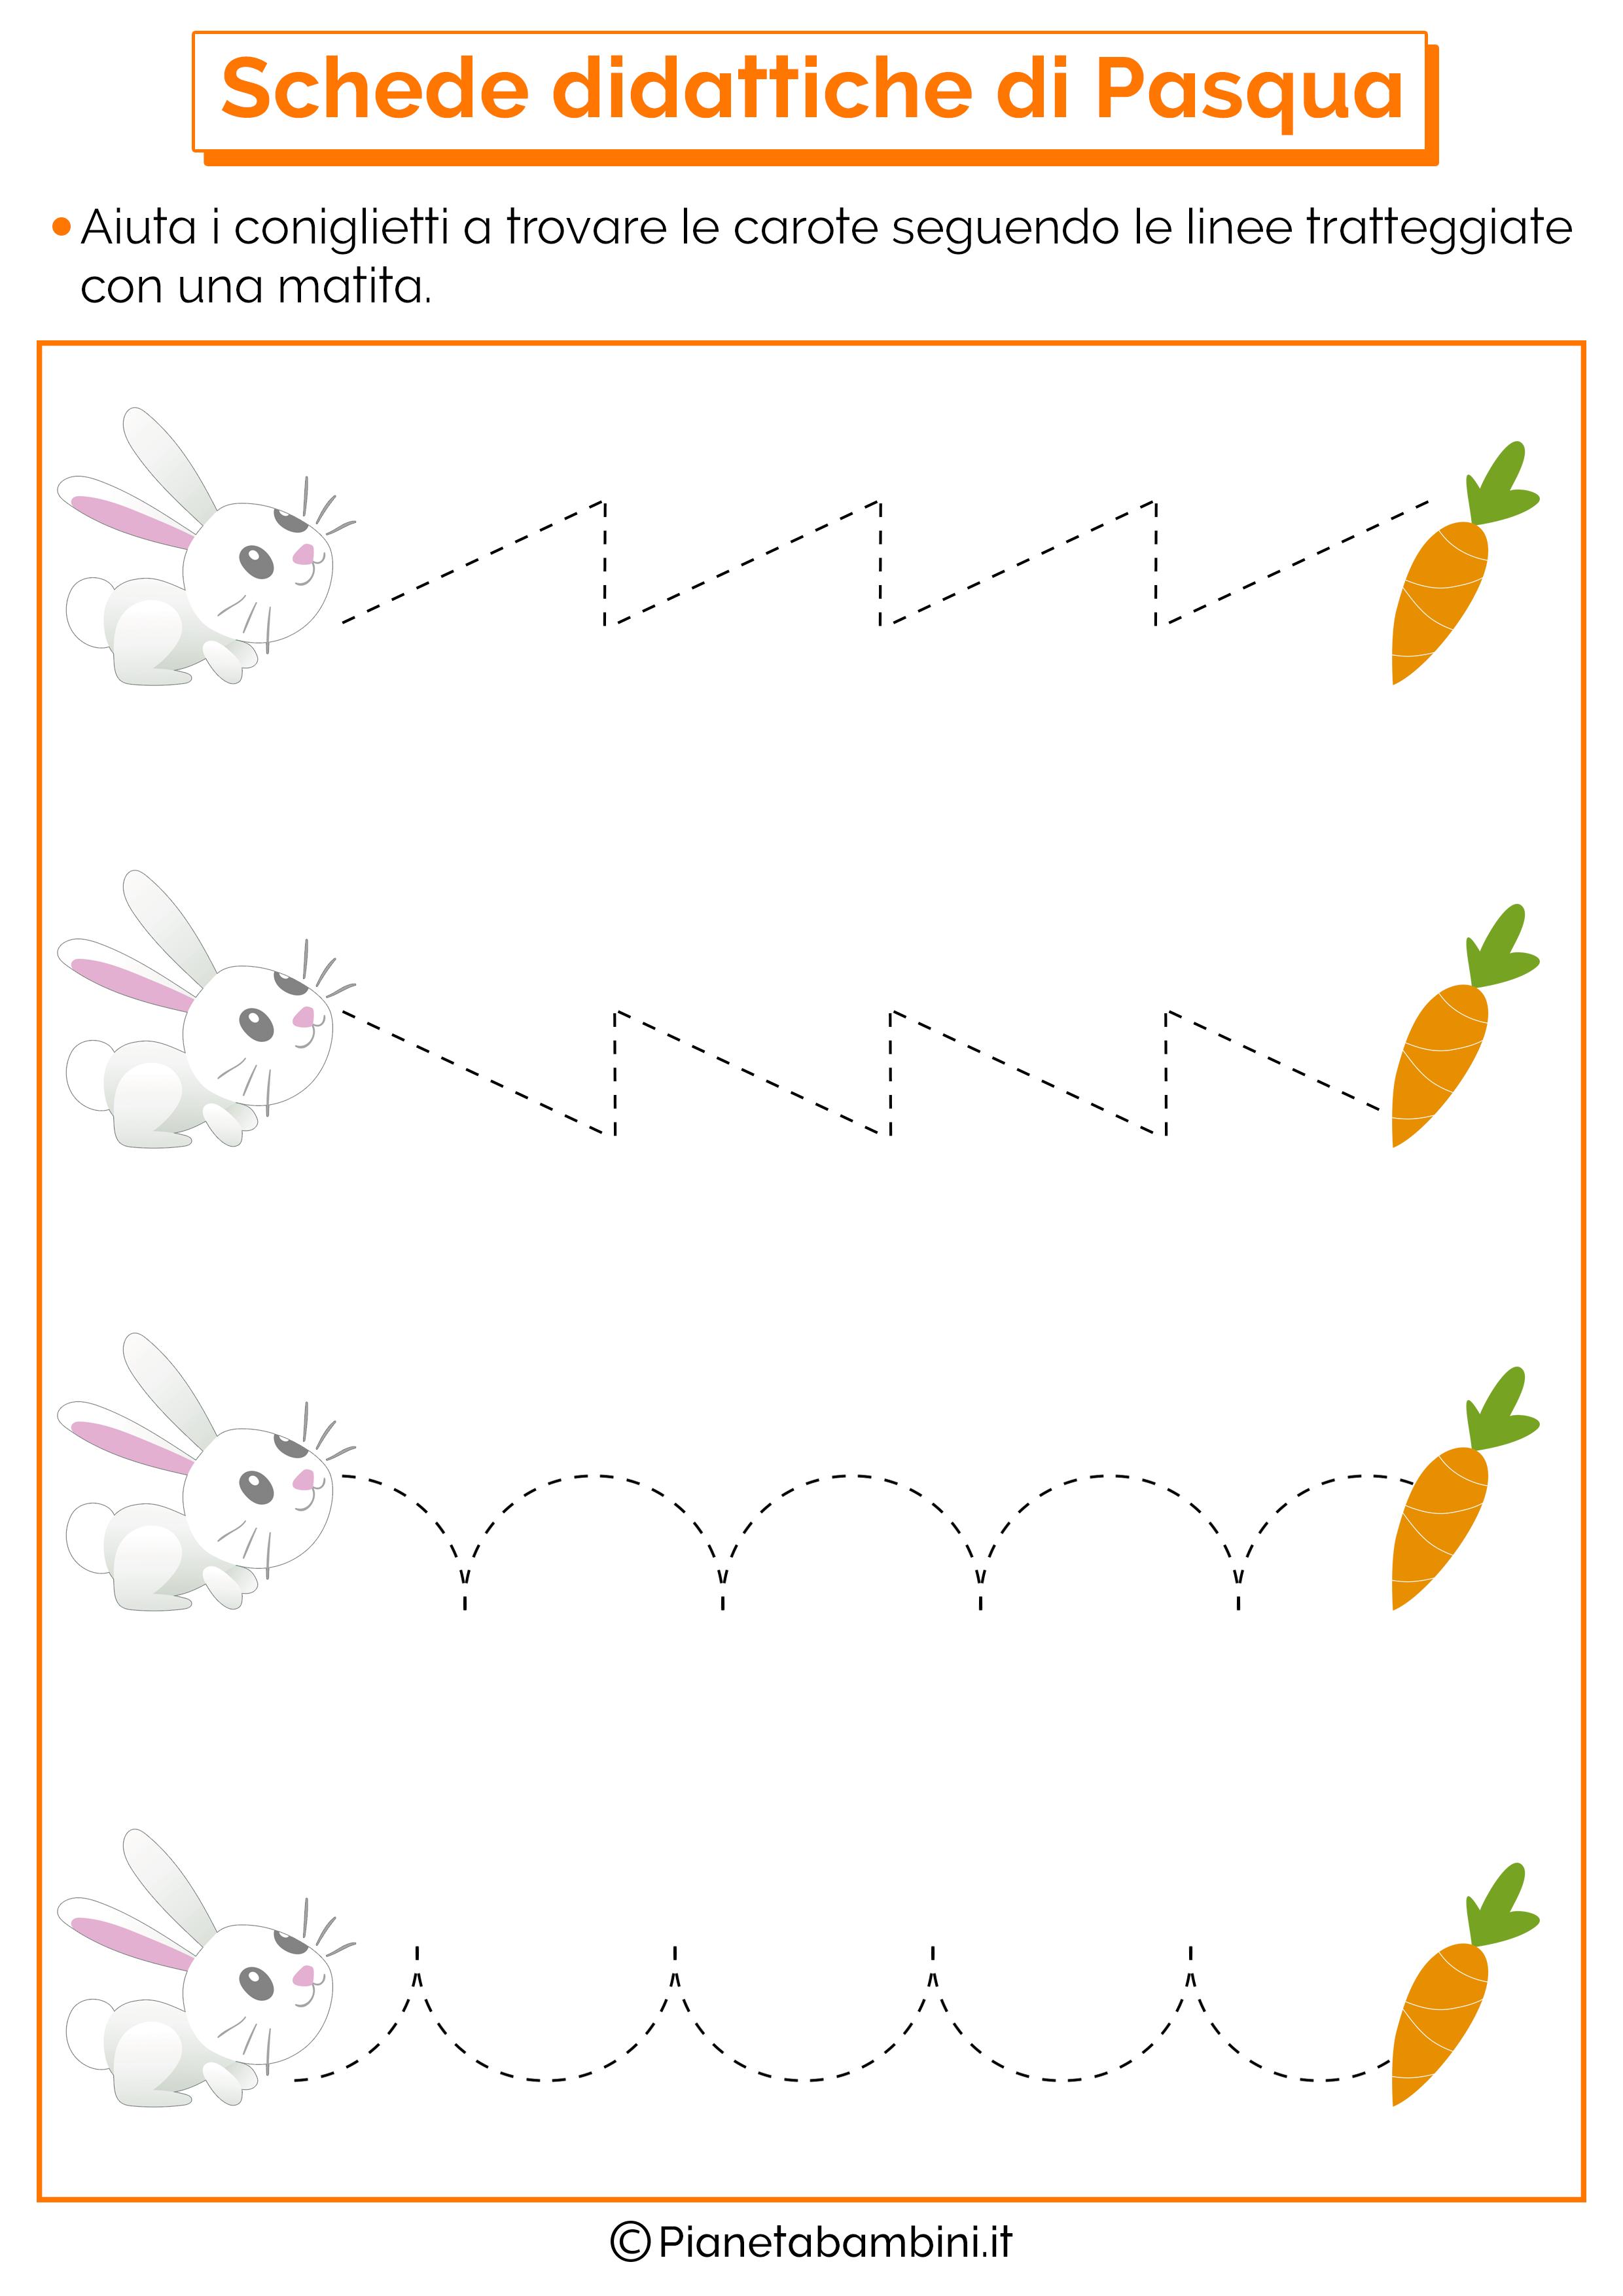 Scheda didattica di Pasqua per la scuola dell'infanzia 5